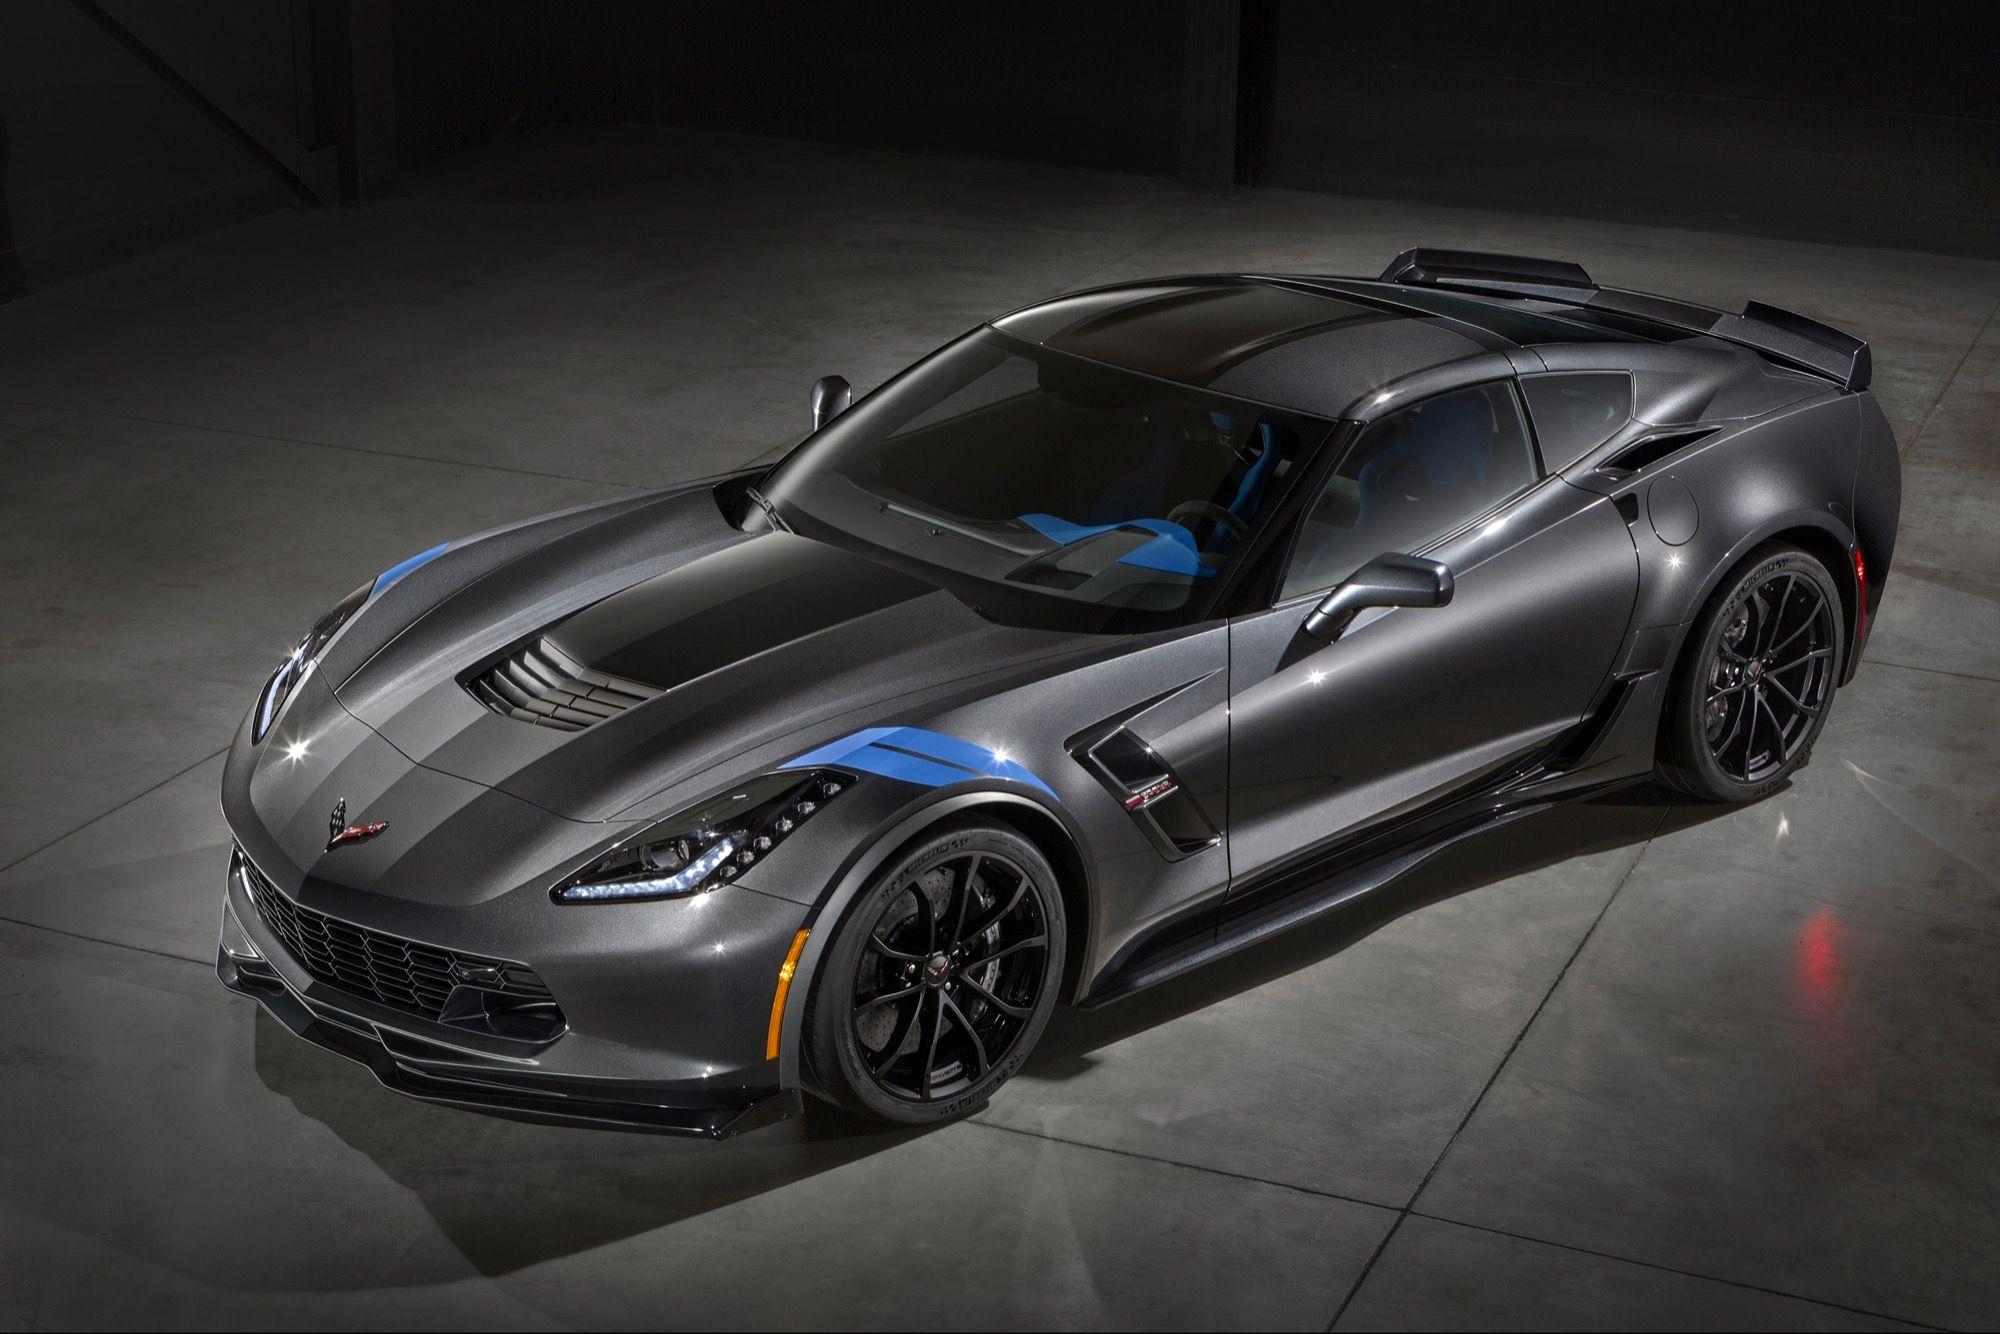 C7 Grand Sport Corvette Pinterest